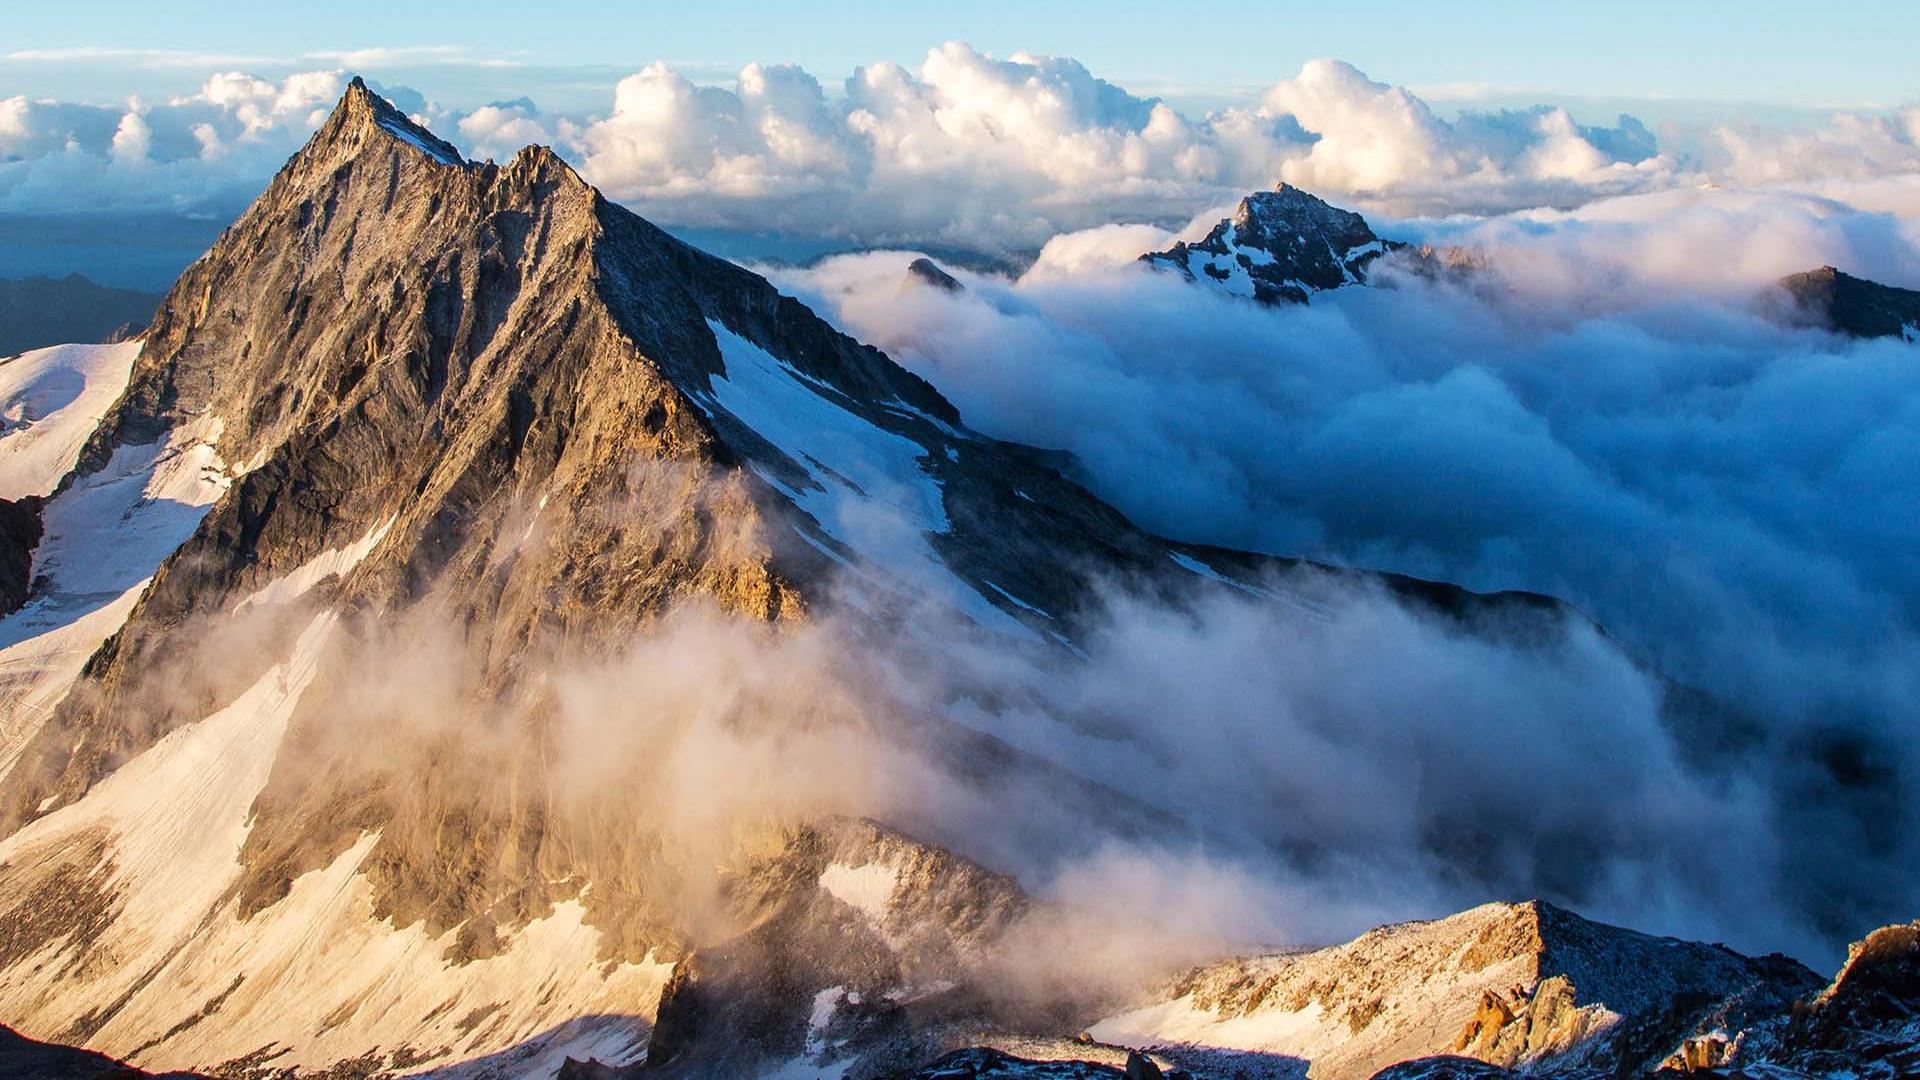 The peak of Weissemies through clouds